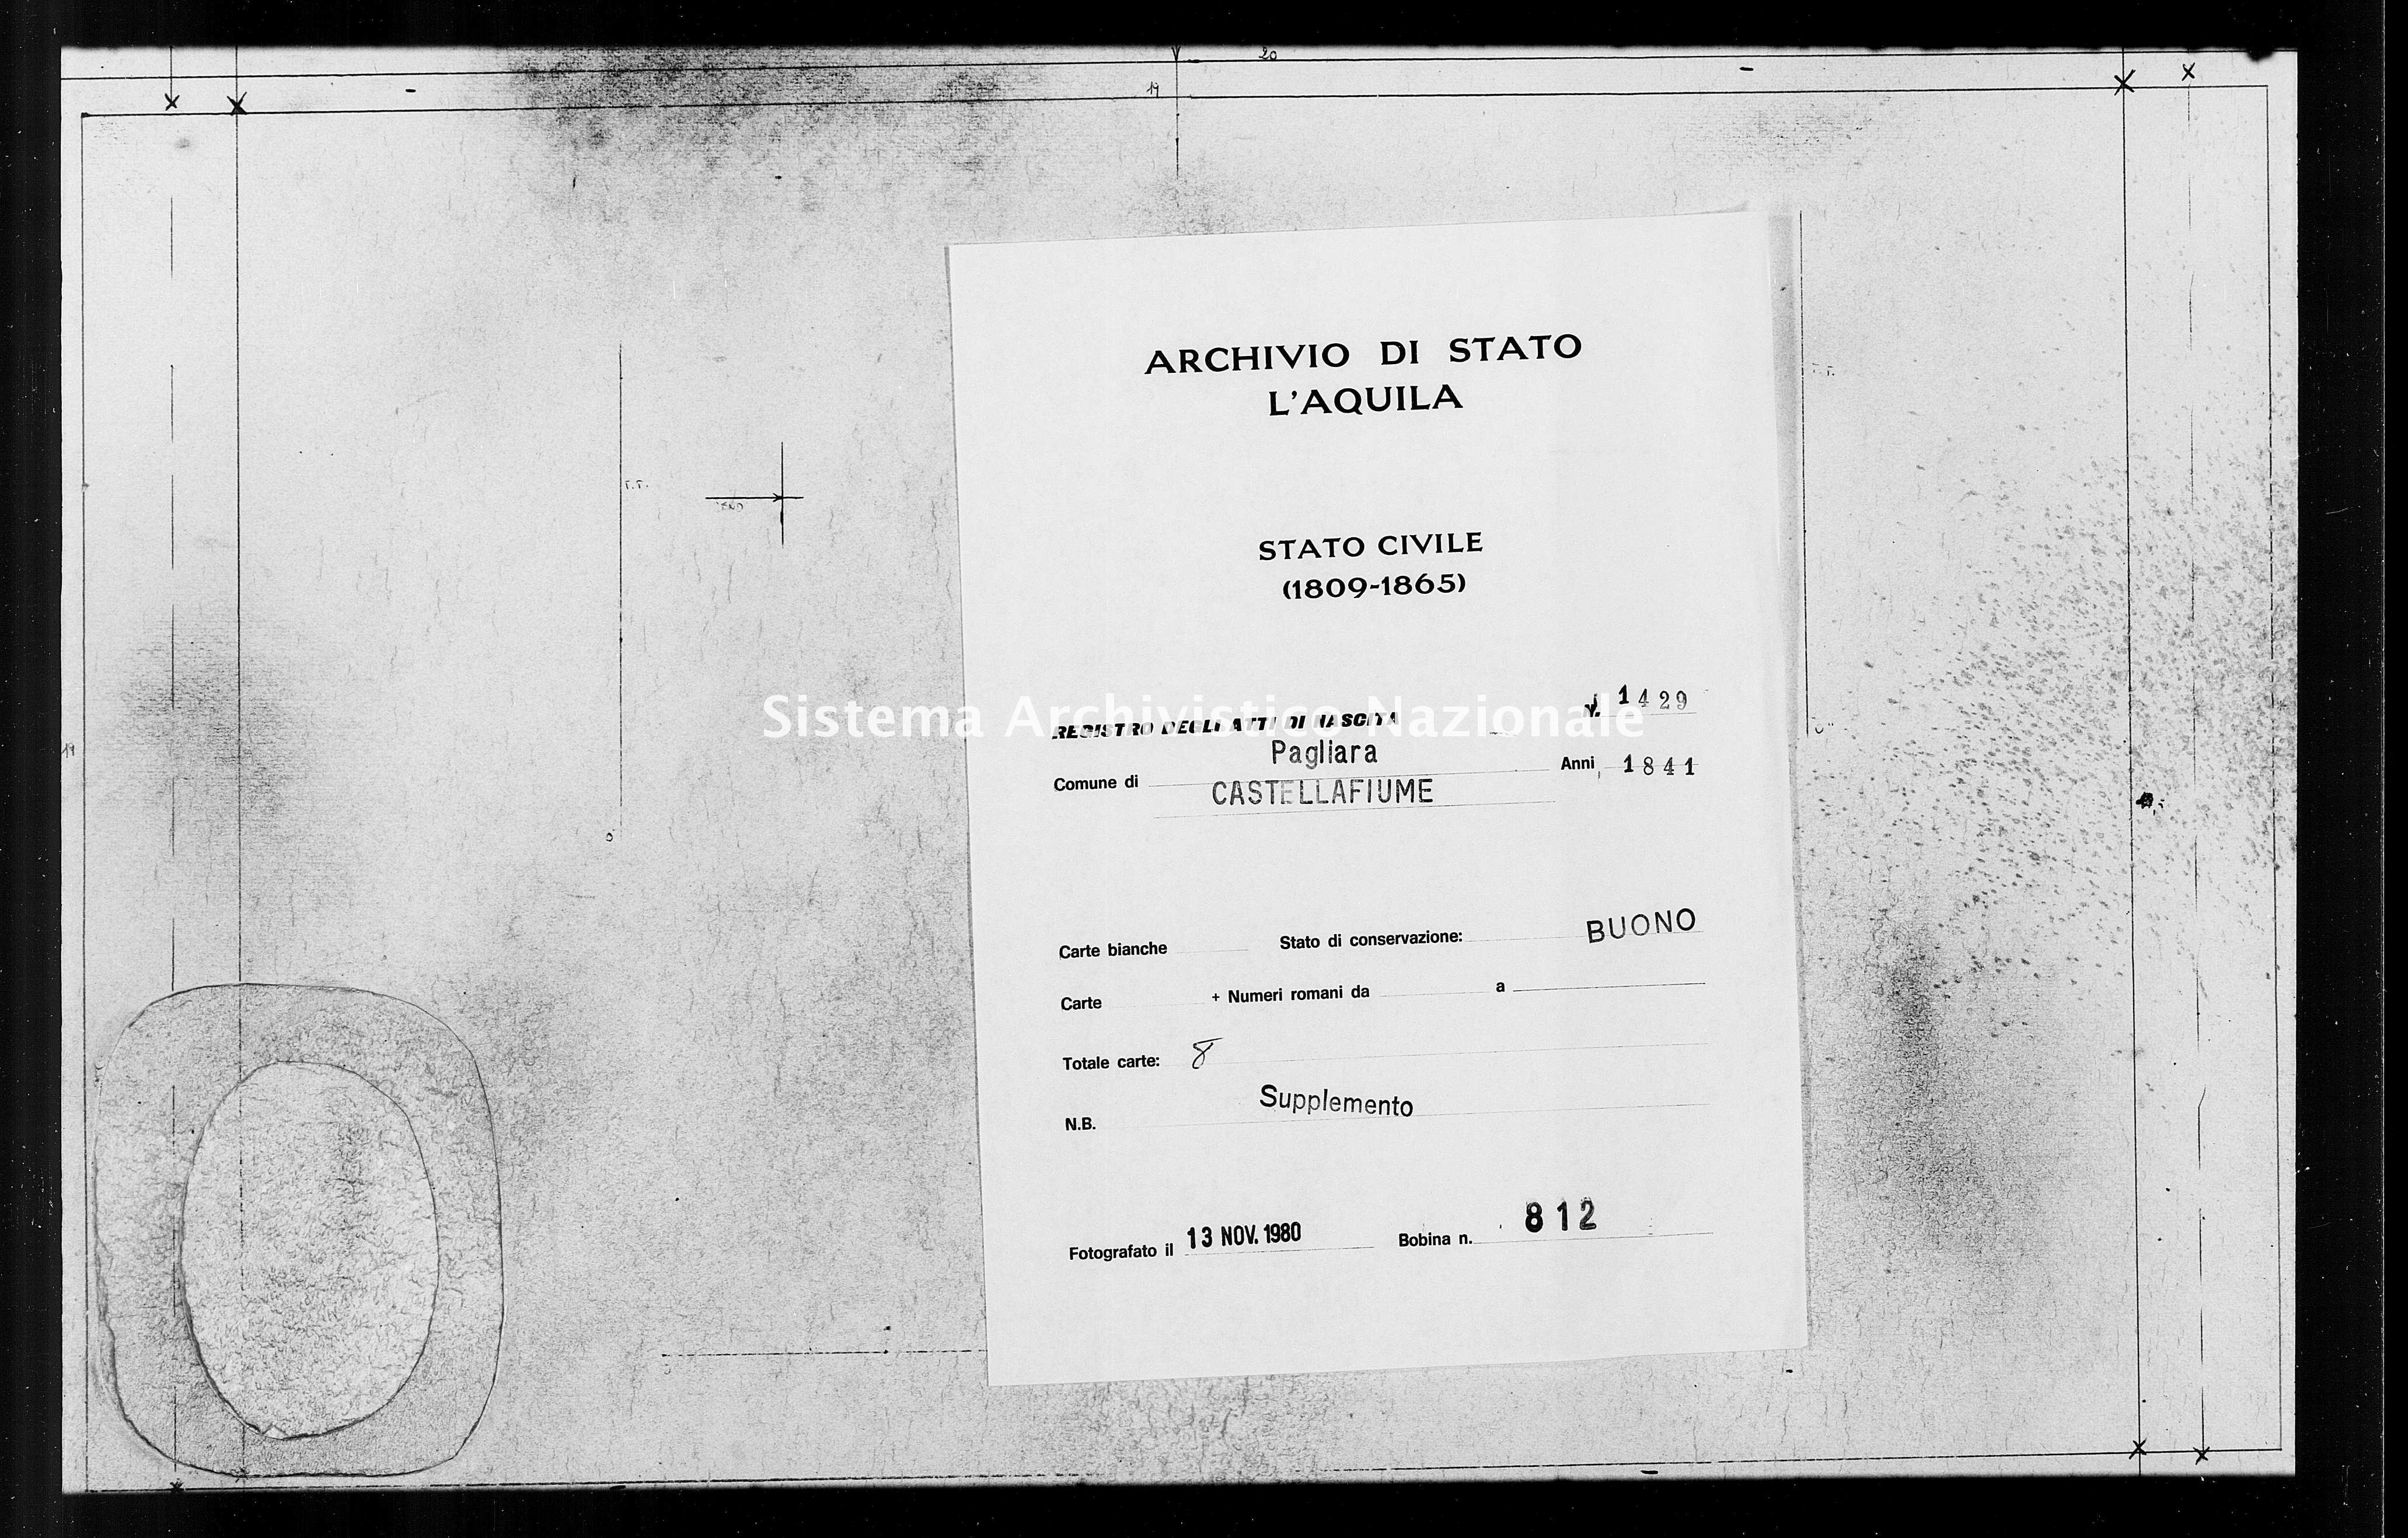 Archivio di stato di L'aquila - Stato civile della restaurazione - Pagliara - Nati, battesimi - 1841 - 1429 -